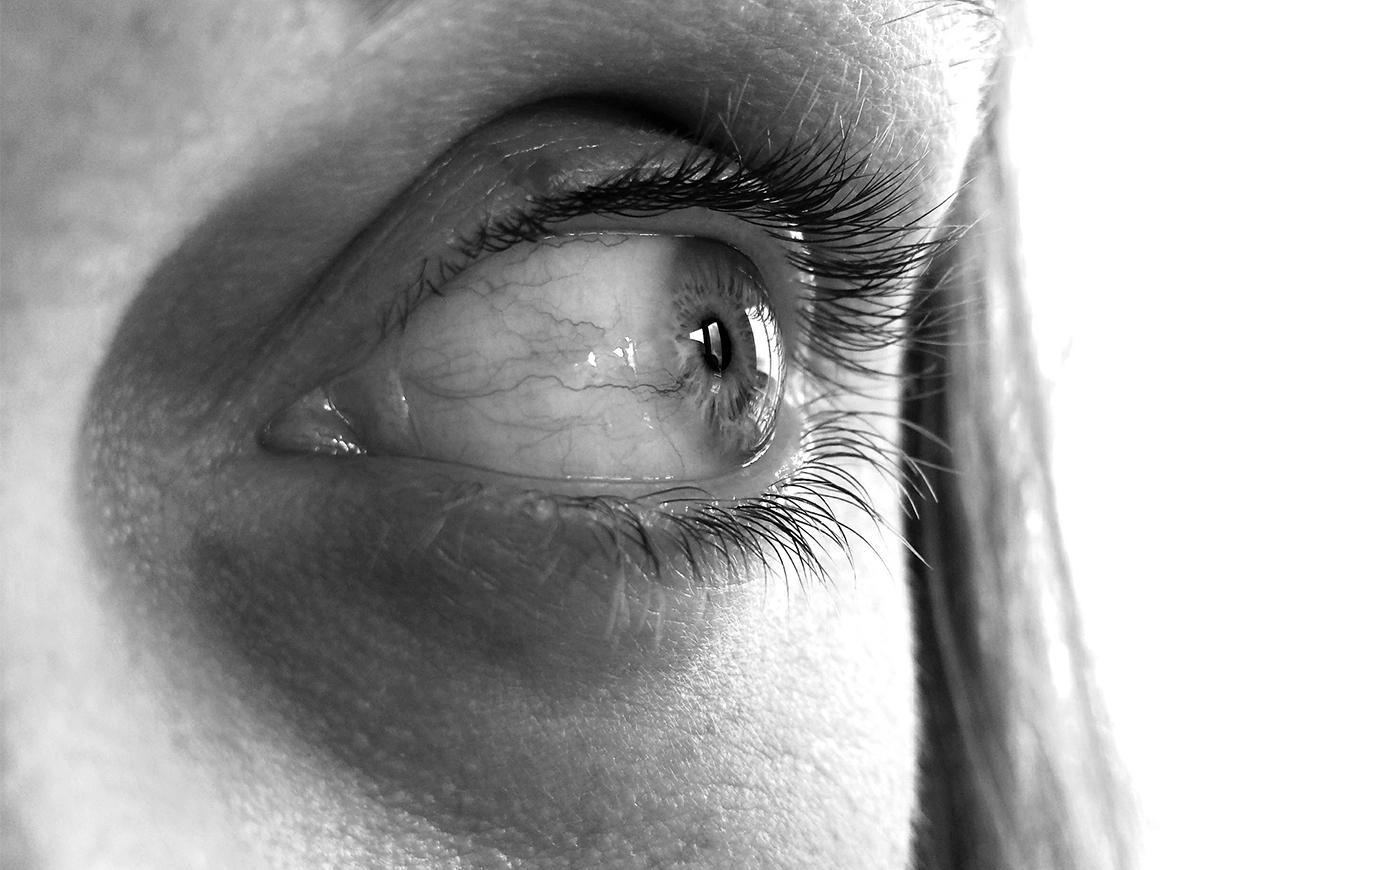 Причины и факторы риска развития глаукомы